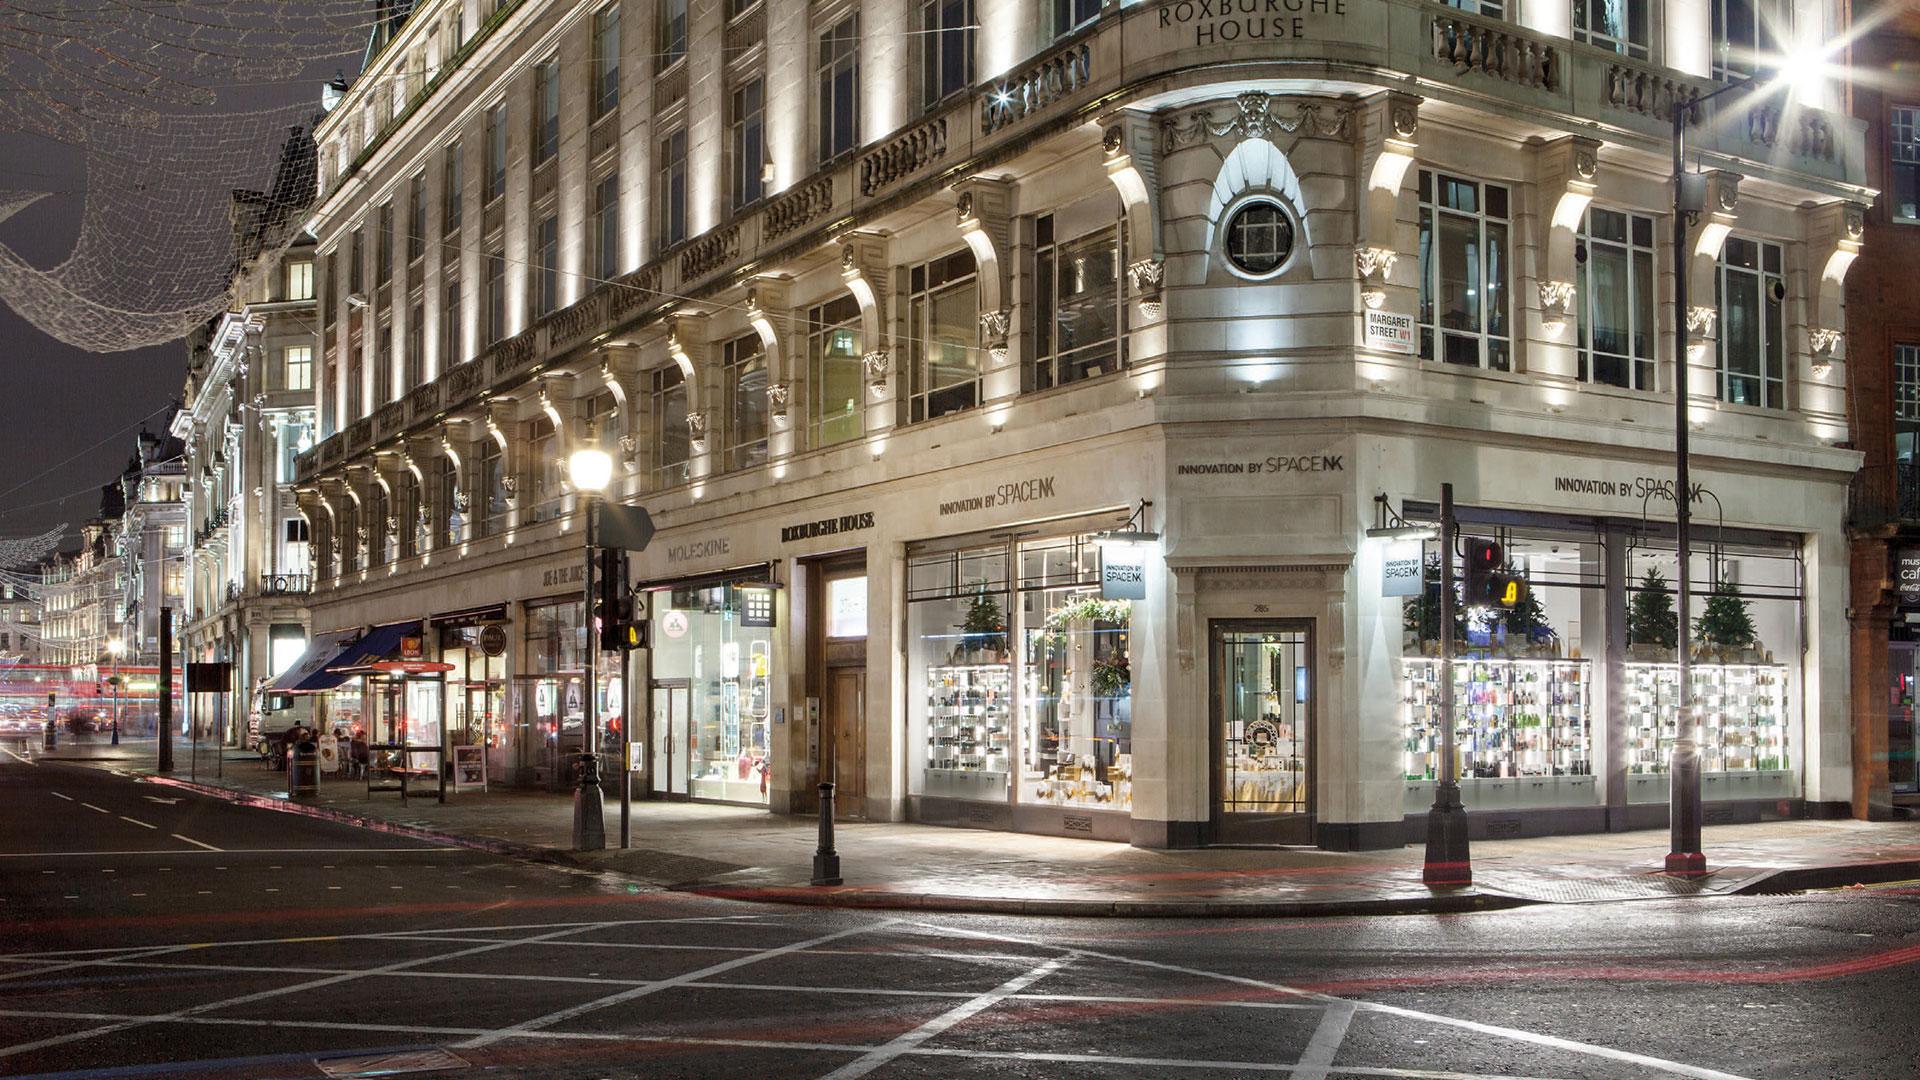 1. Retail Design -